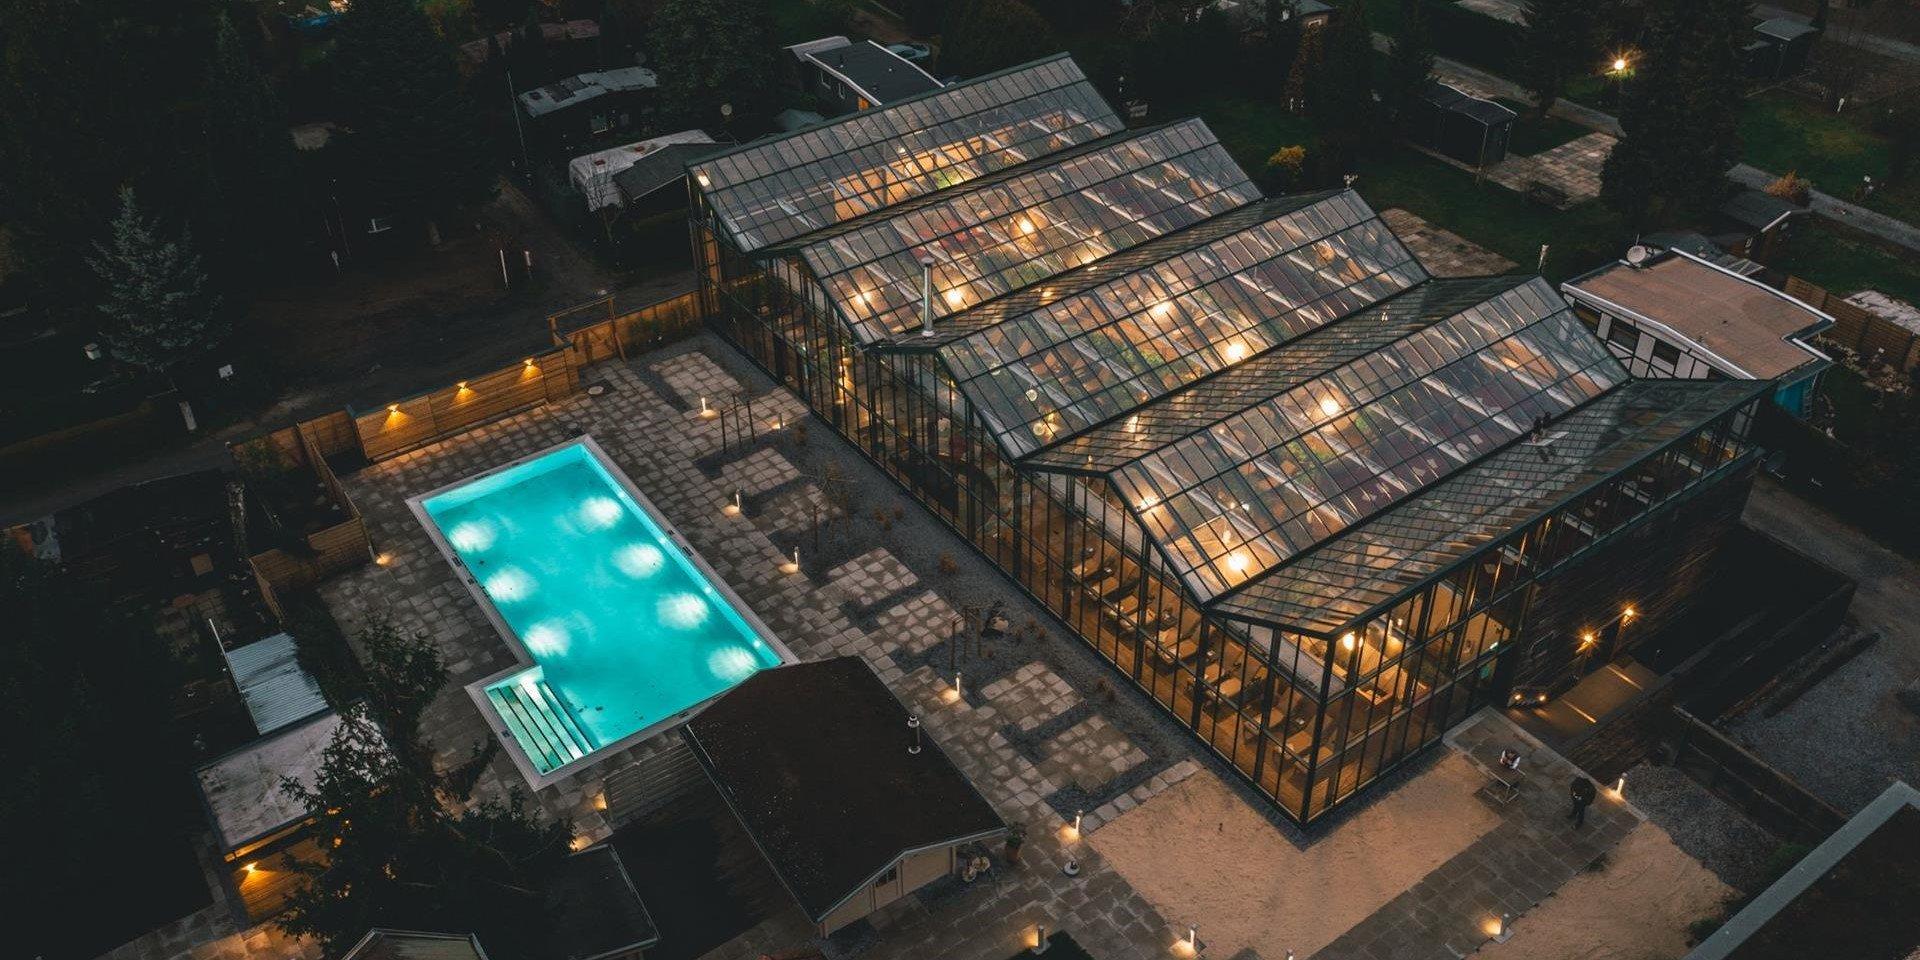 Luftbild bei Nacht des Jammertal Resort Datteln mit Außenpool